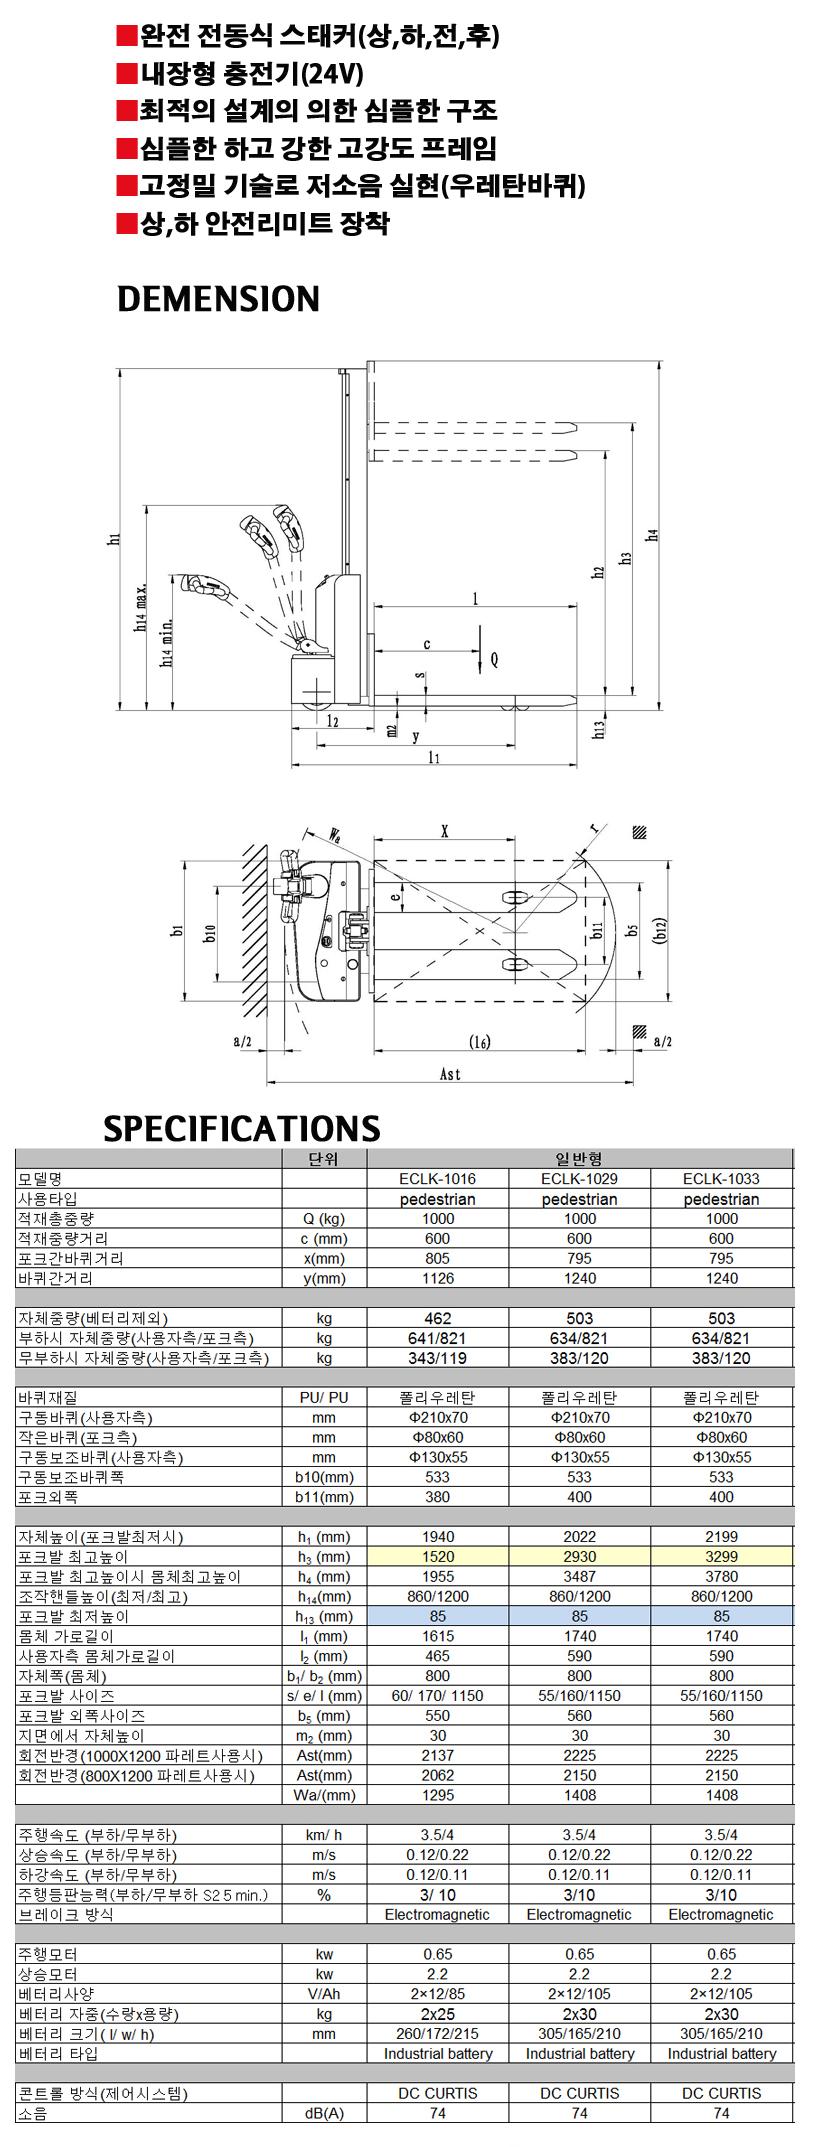 (주)쌍용리프트 전동 일반형 스태커 (주행) ECLK-1016 / ECLK-1029 / ECLK-1033